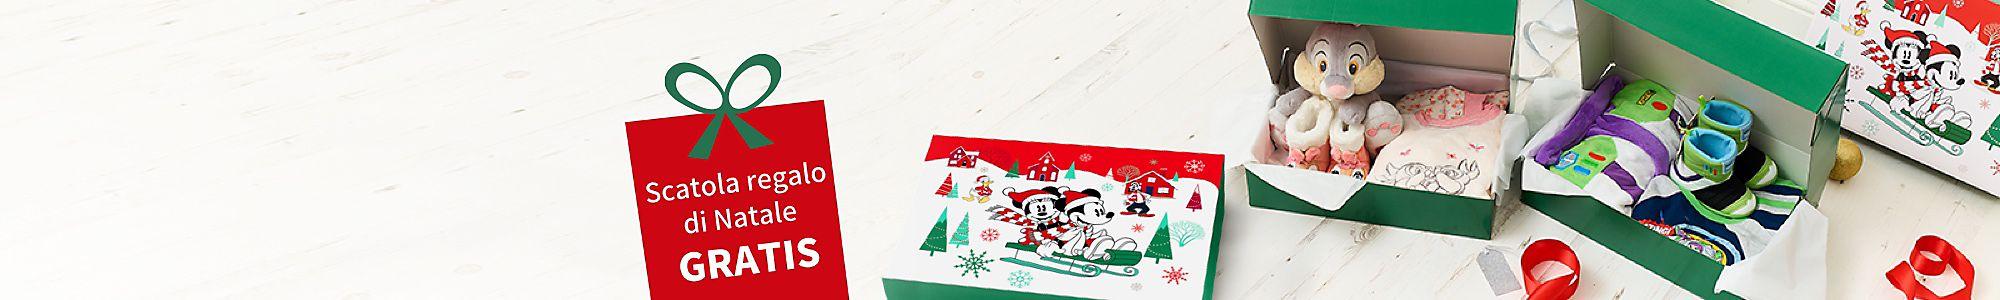 Scatola regalo di Natale gratis Con l'acquisto di due articoli a scelta  fra quelli selezionati della collezione notte